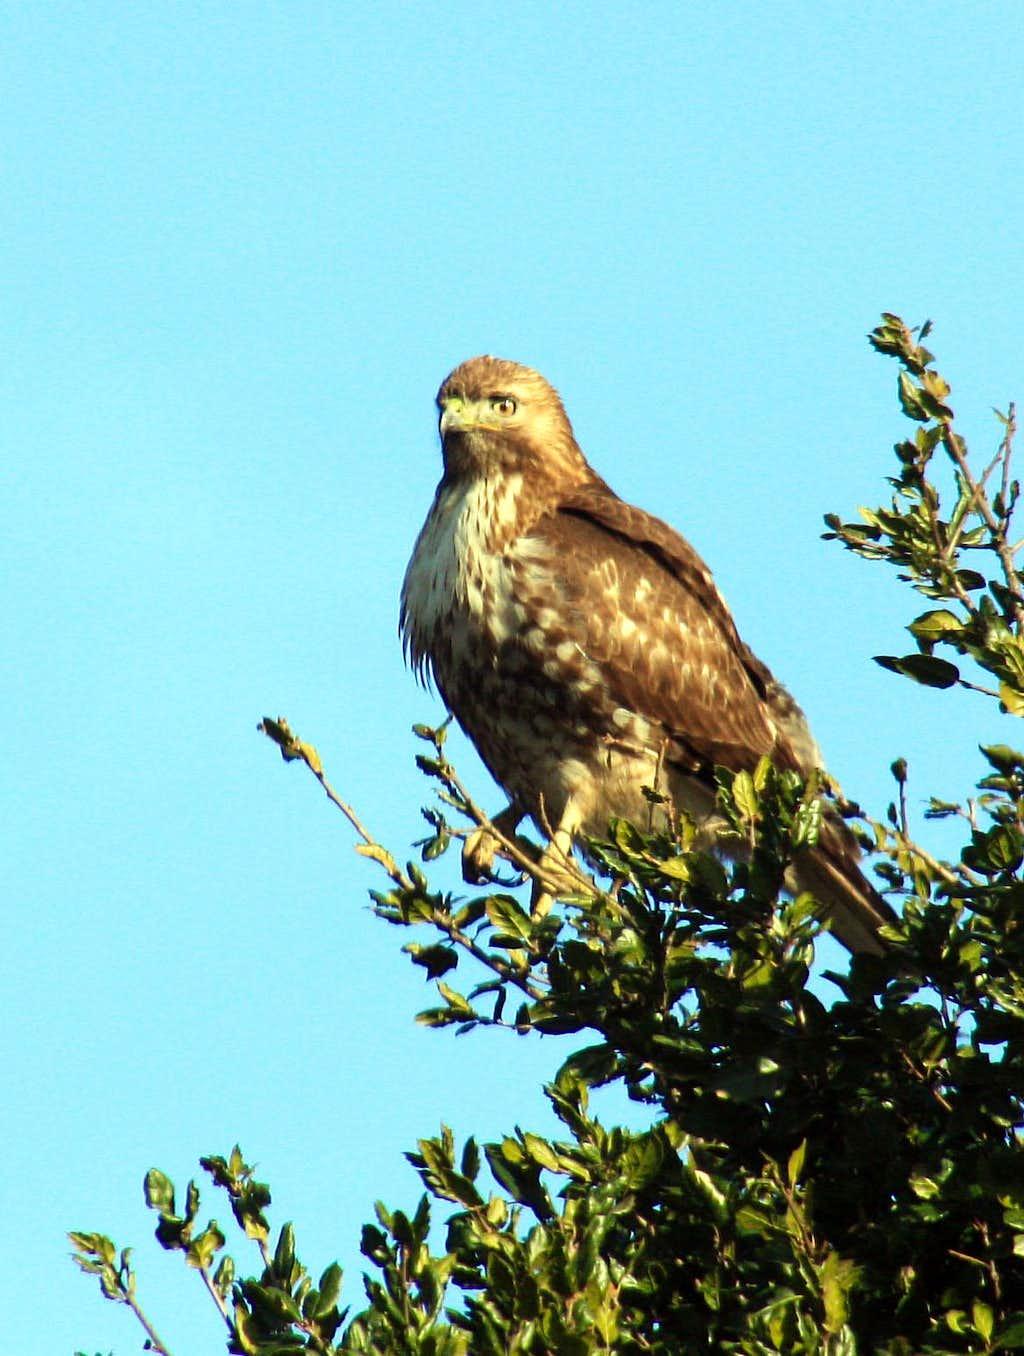 Hawk perched in oak tree